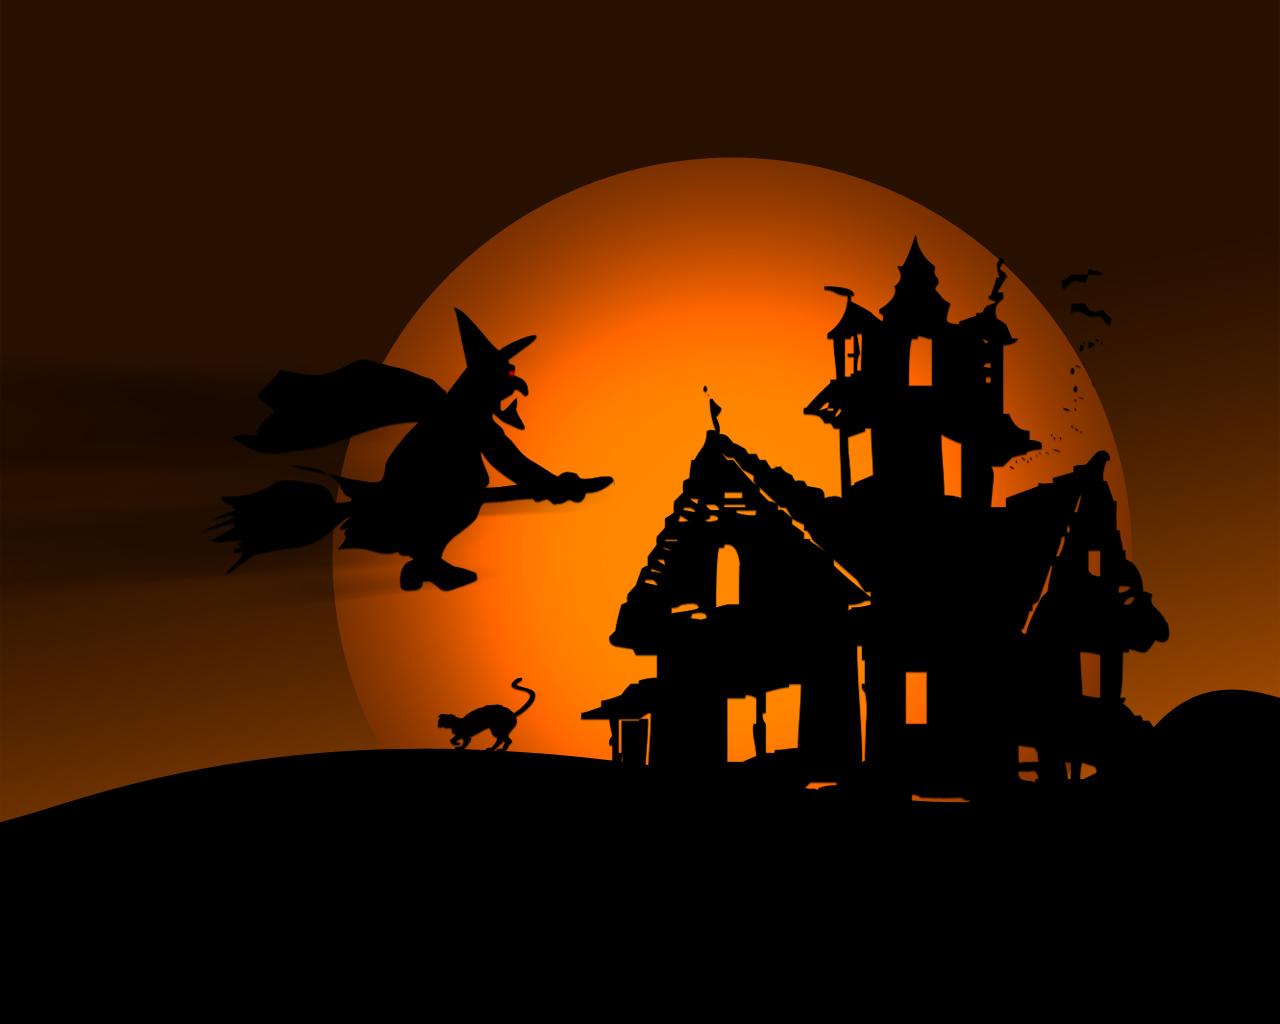 Blev Inte S Mycket Halloween Ett Nytt Liv